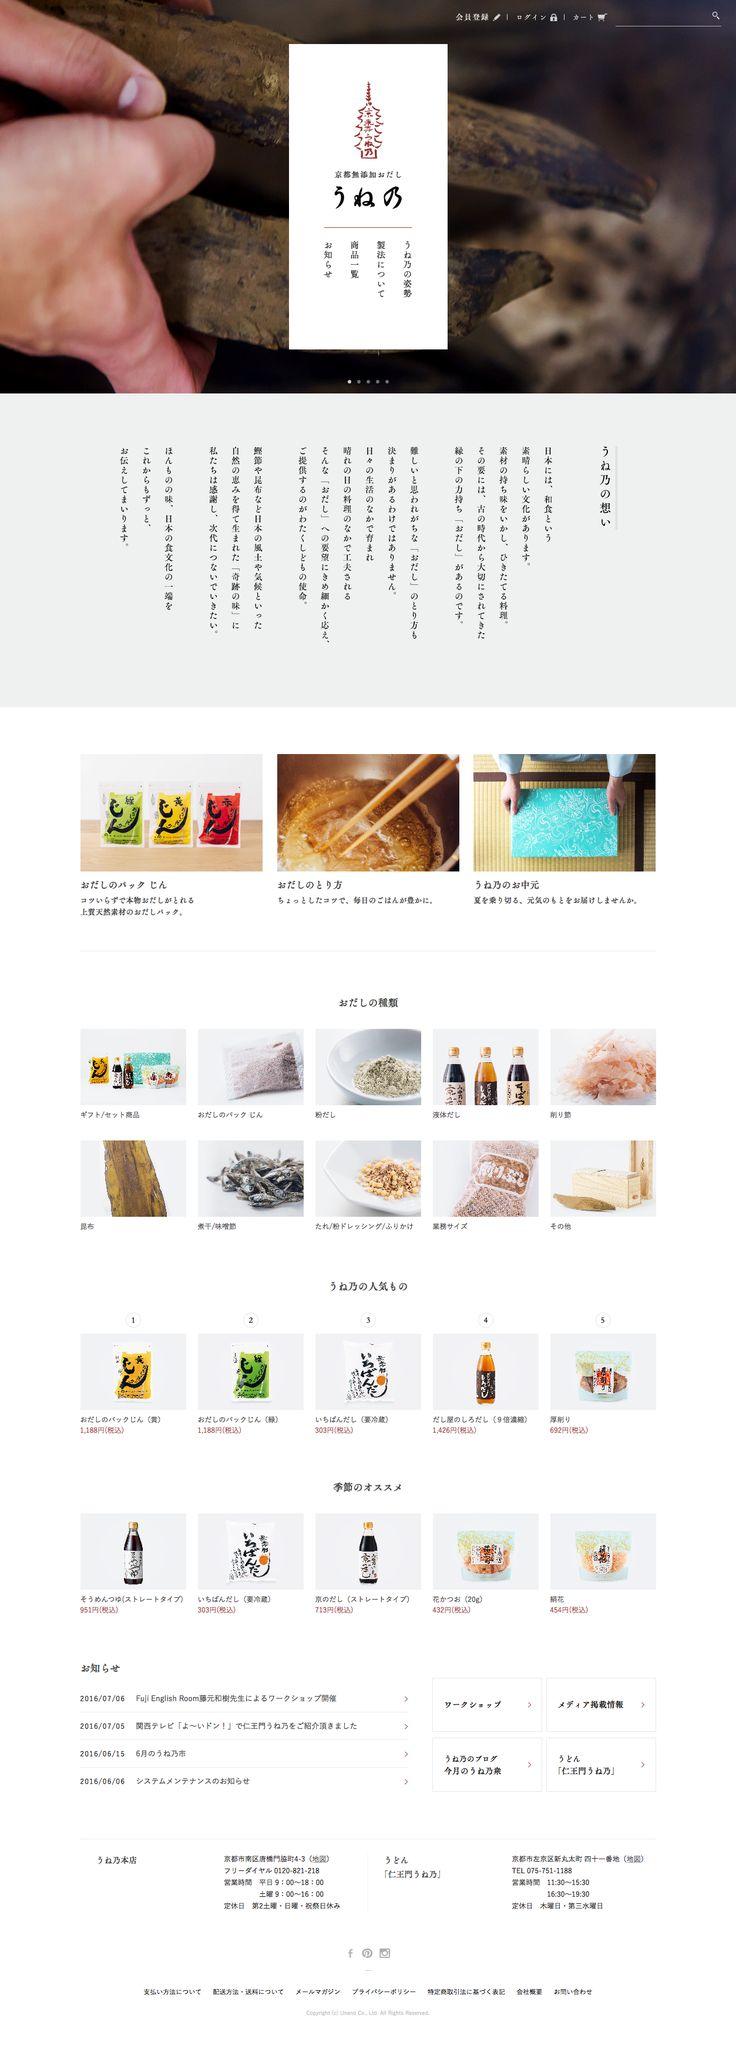 【無添加おだし】京都 おだしの うね乃-公式サイト : 81-web.com【Webデザイン リンク集】